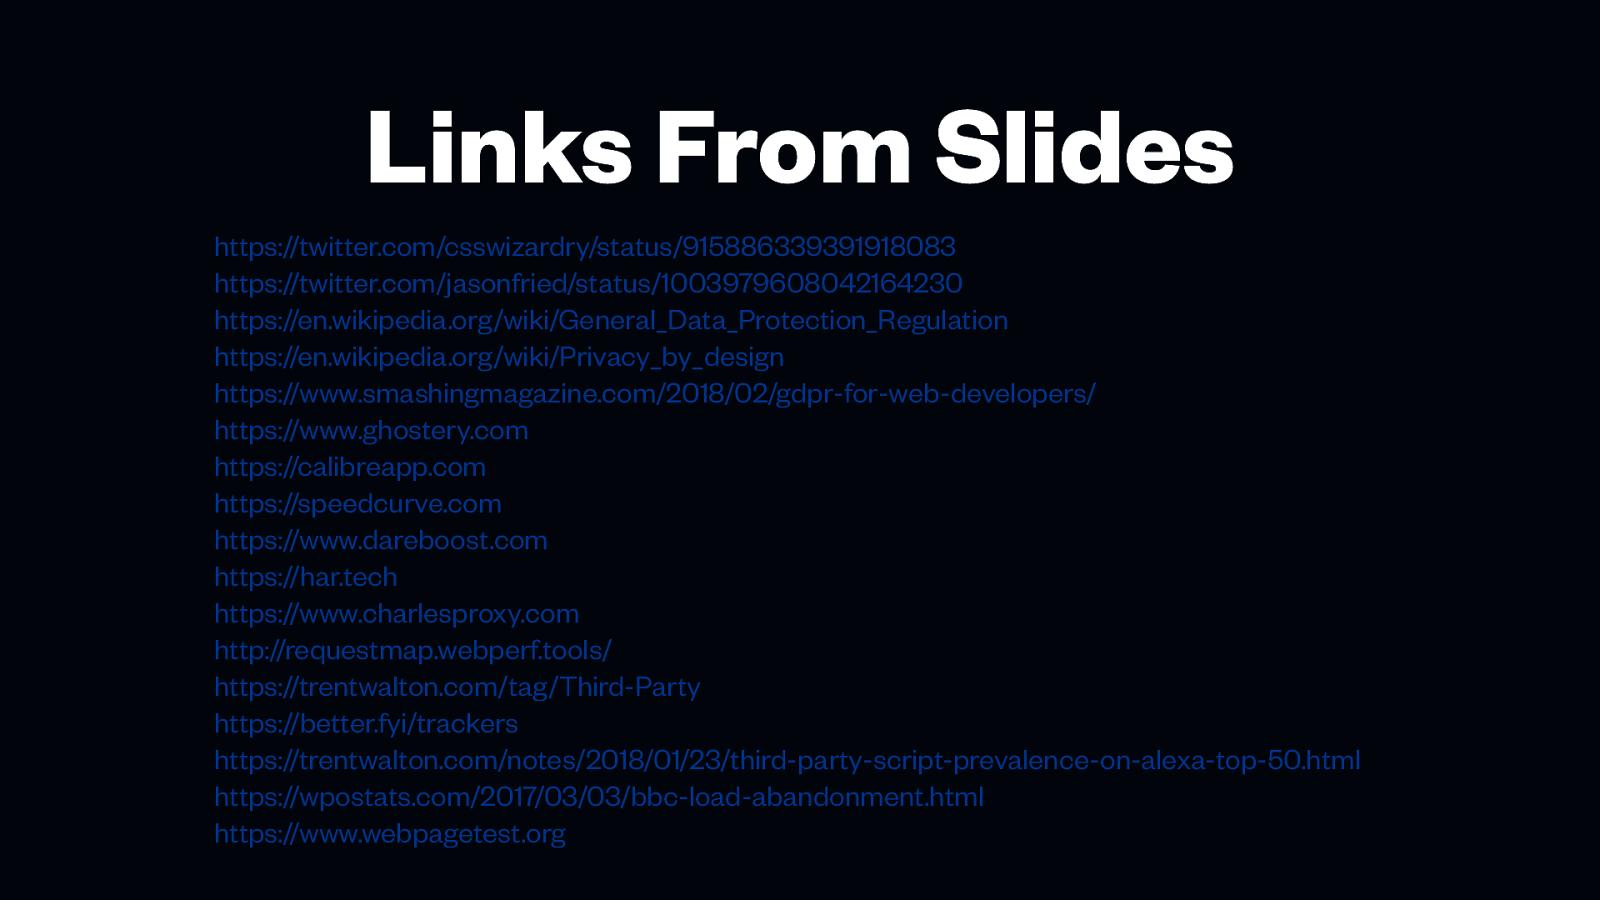 Slide 170